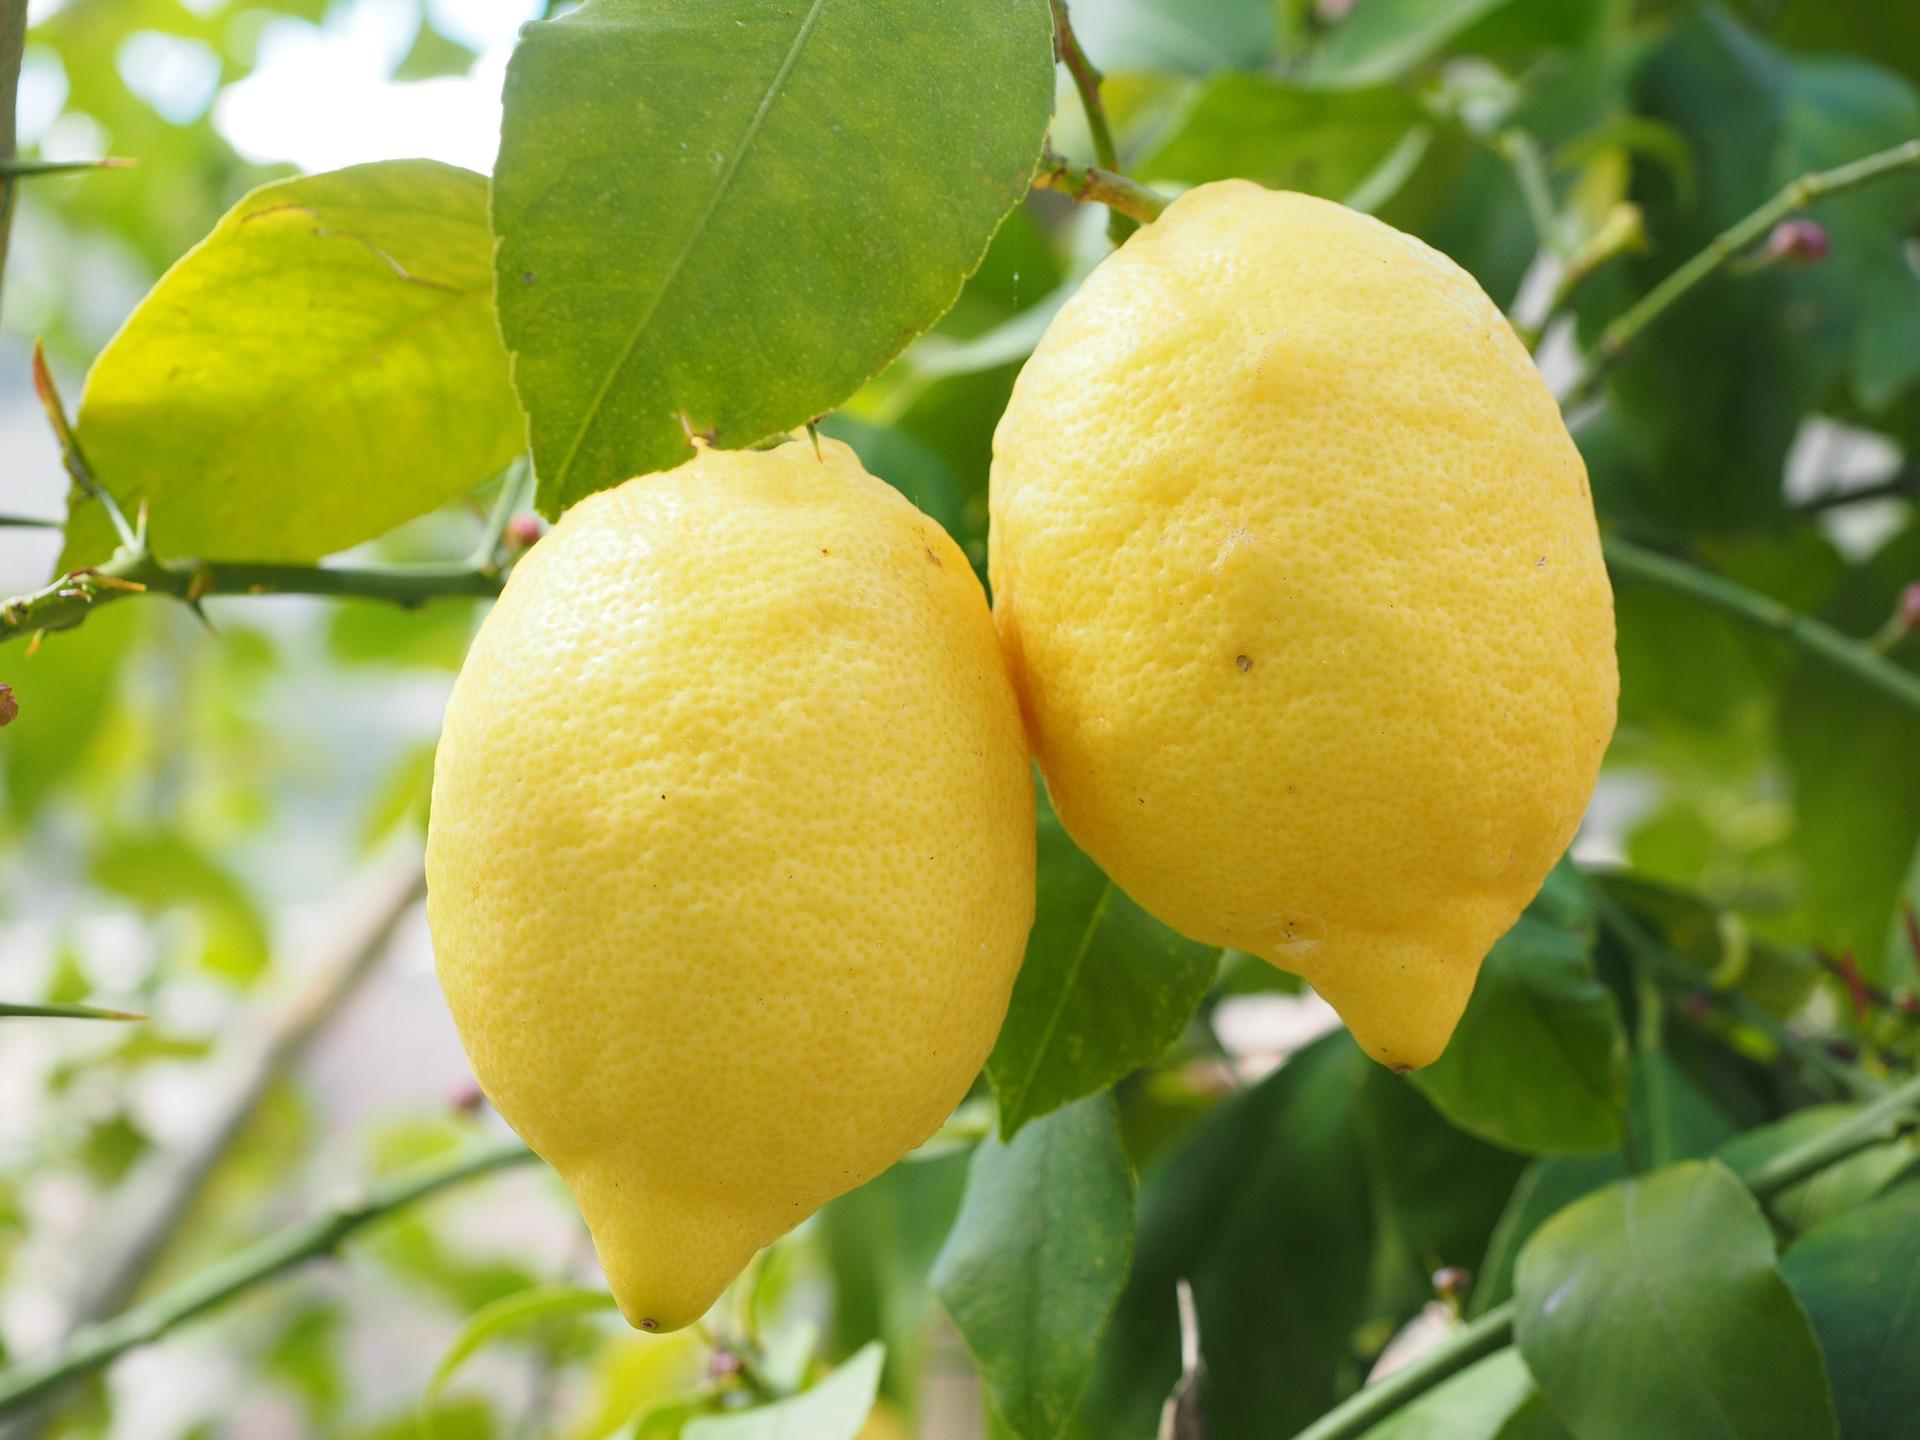 importateur-en-france-de-citron-1